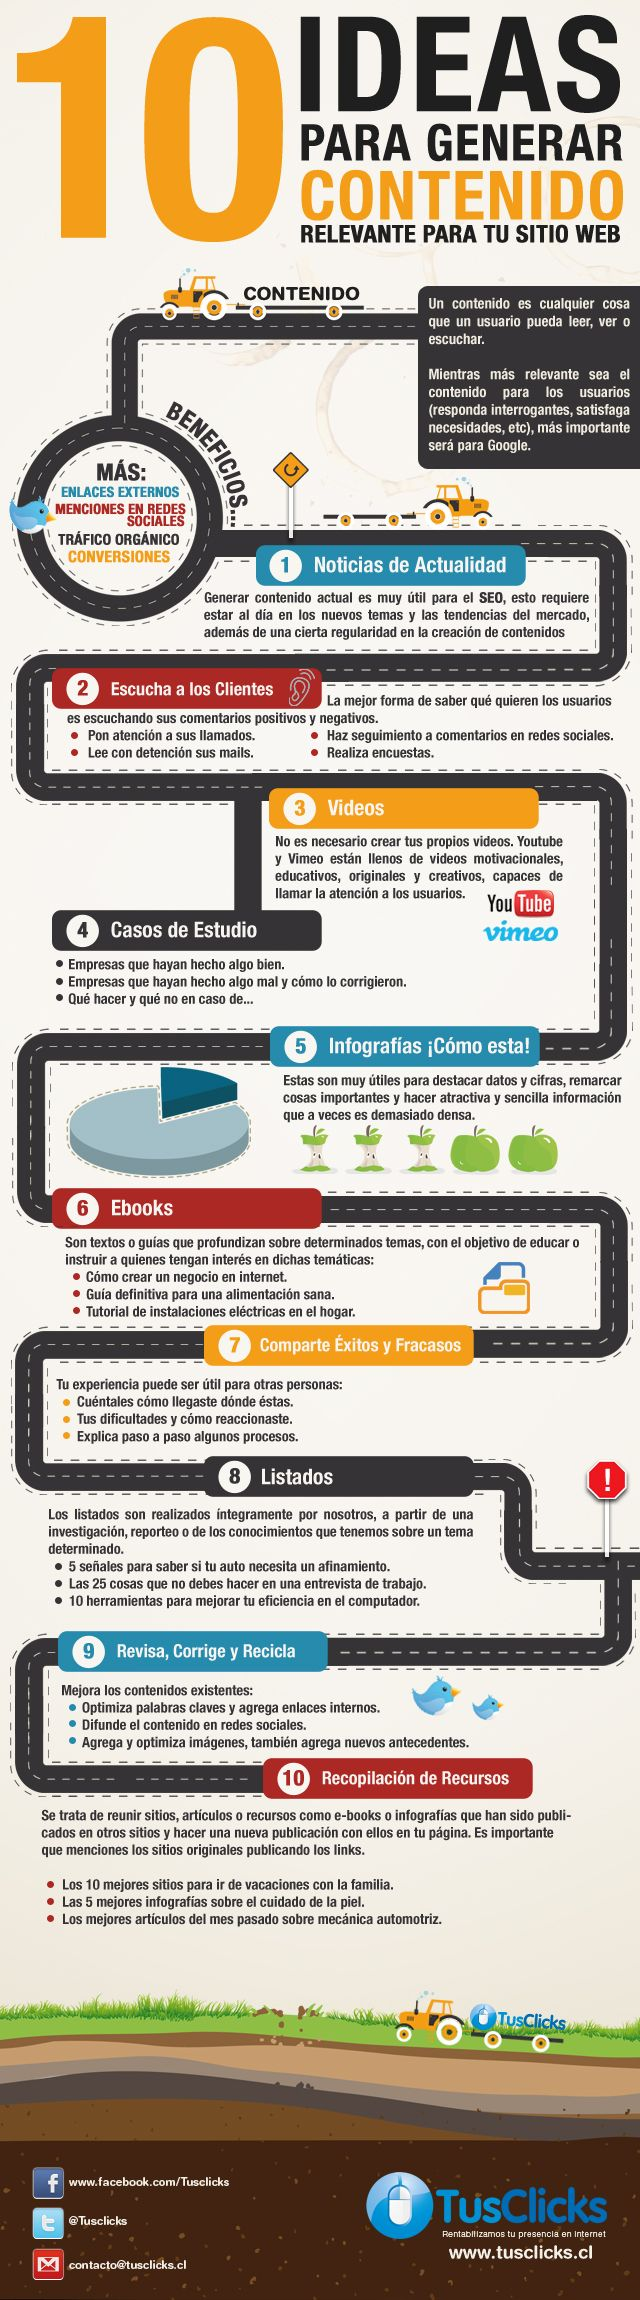 10 ideas para generar contenido relevante para tu web #infografia #infographic #internet #marketing